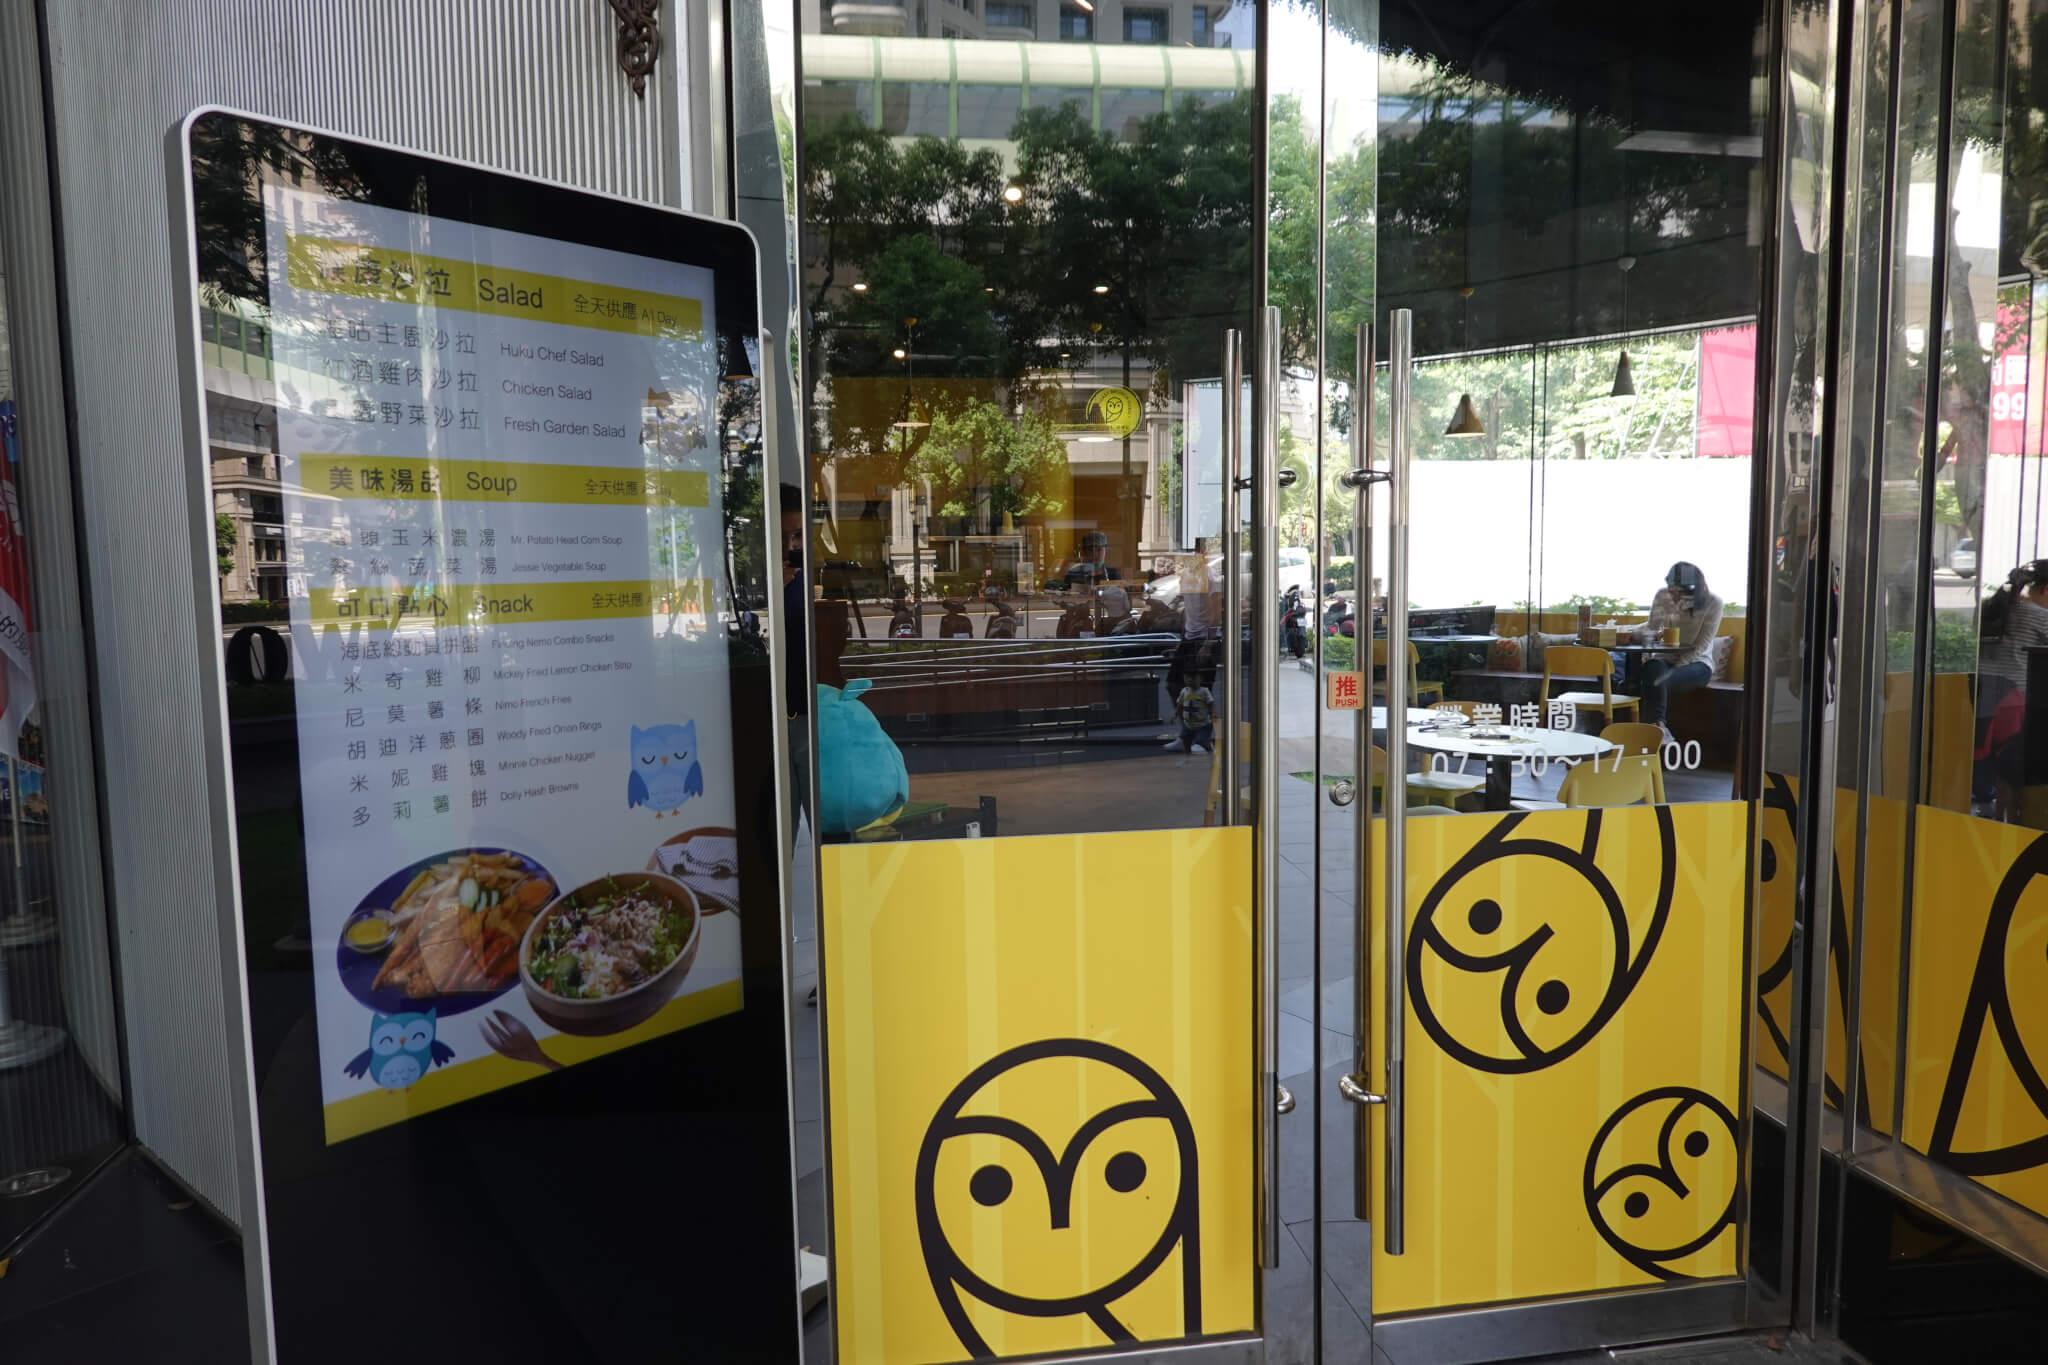 貓頭鷹吐司brunch - 文心公園店